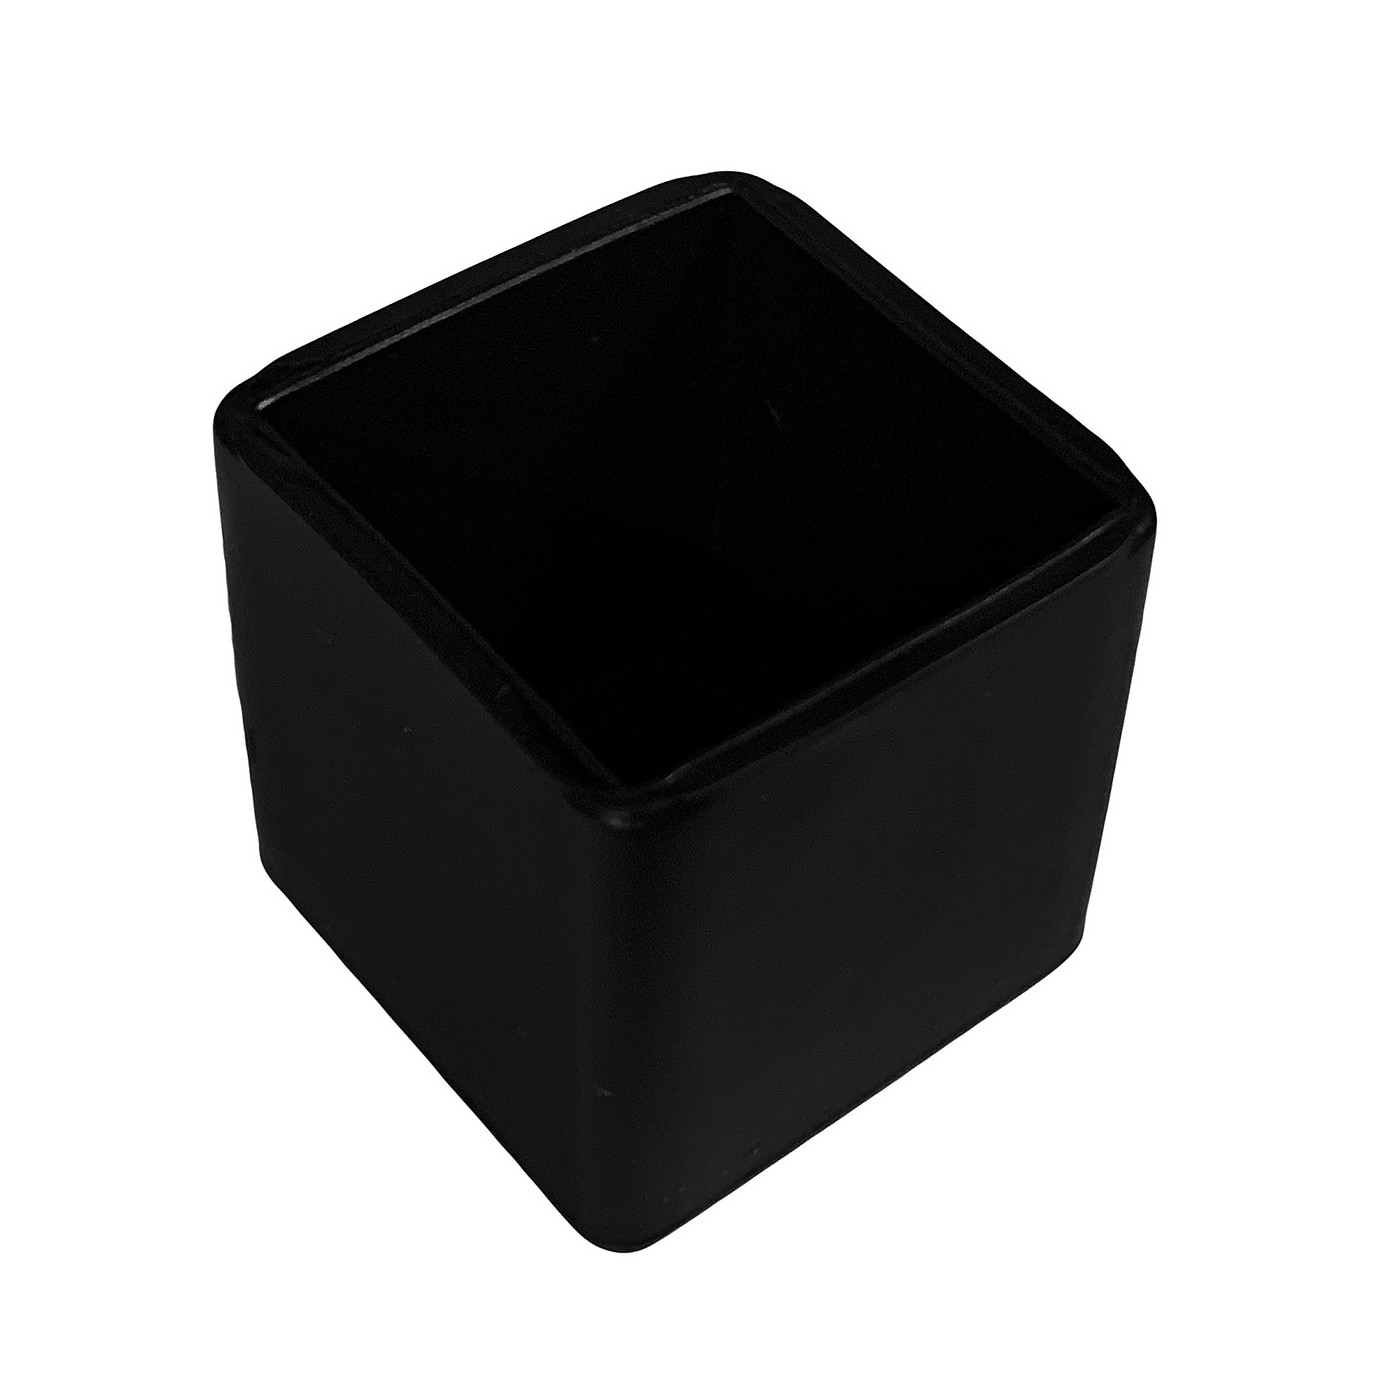 Jeu de 32 couvre-pieds de chaise en silicone (extérieur, carré, 40 mm, noir) [O-SQ-40-B]  - 1